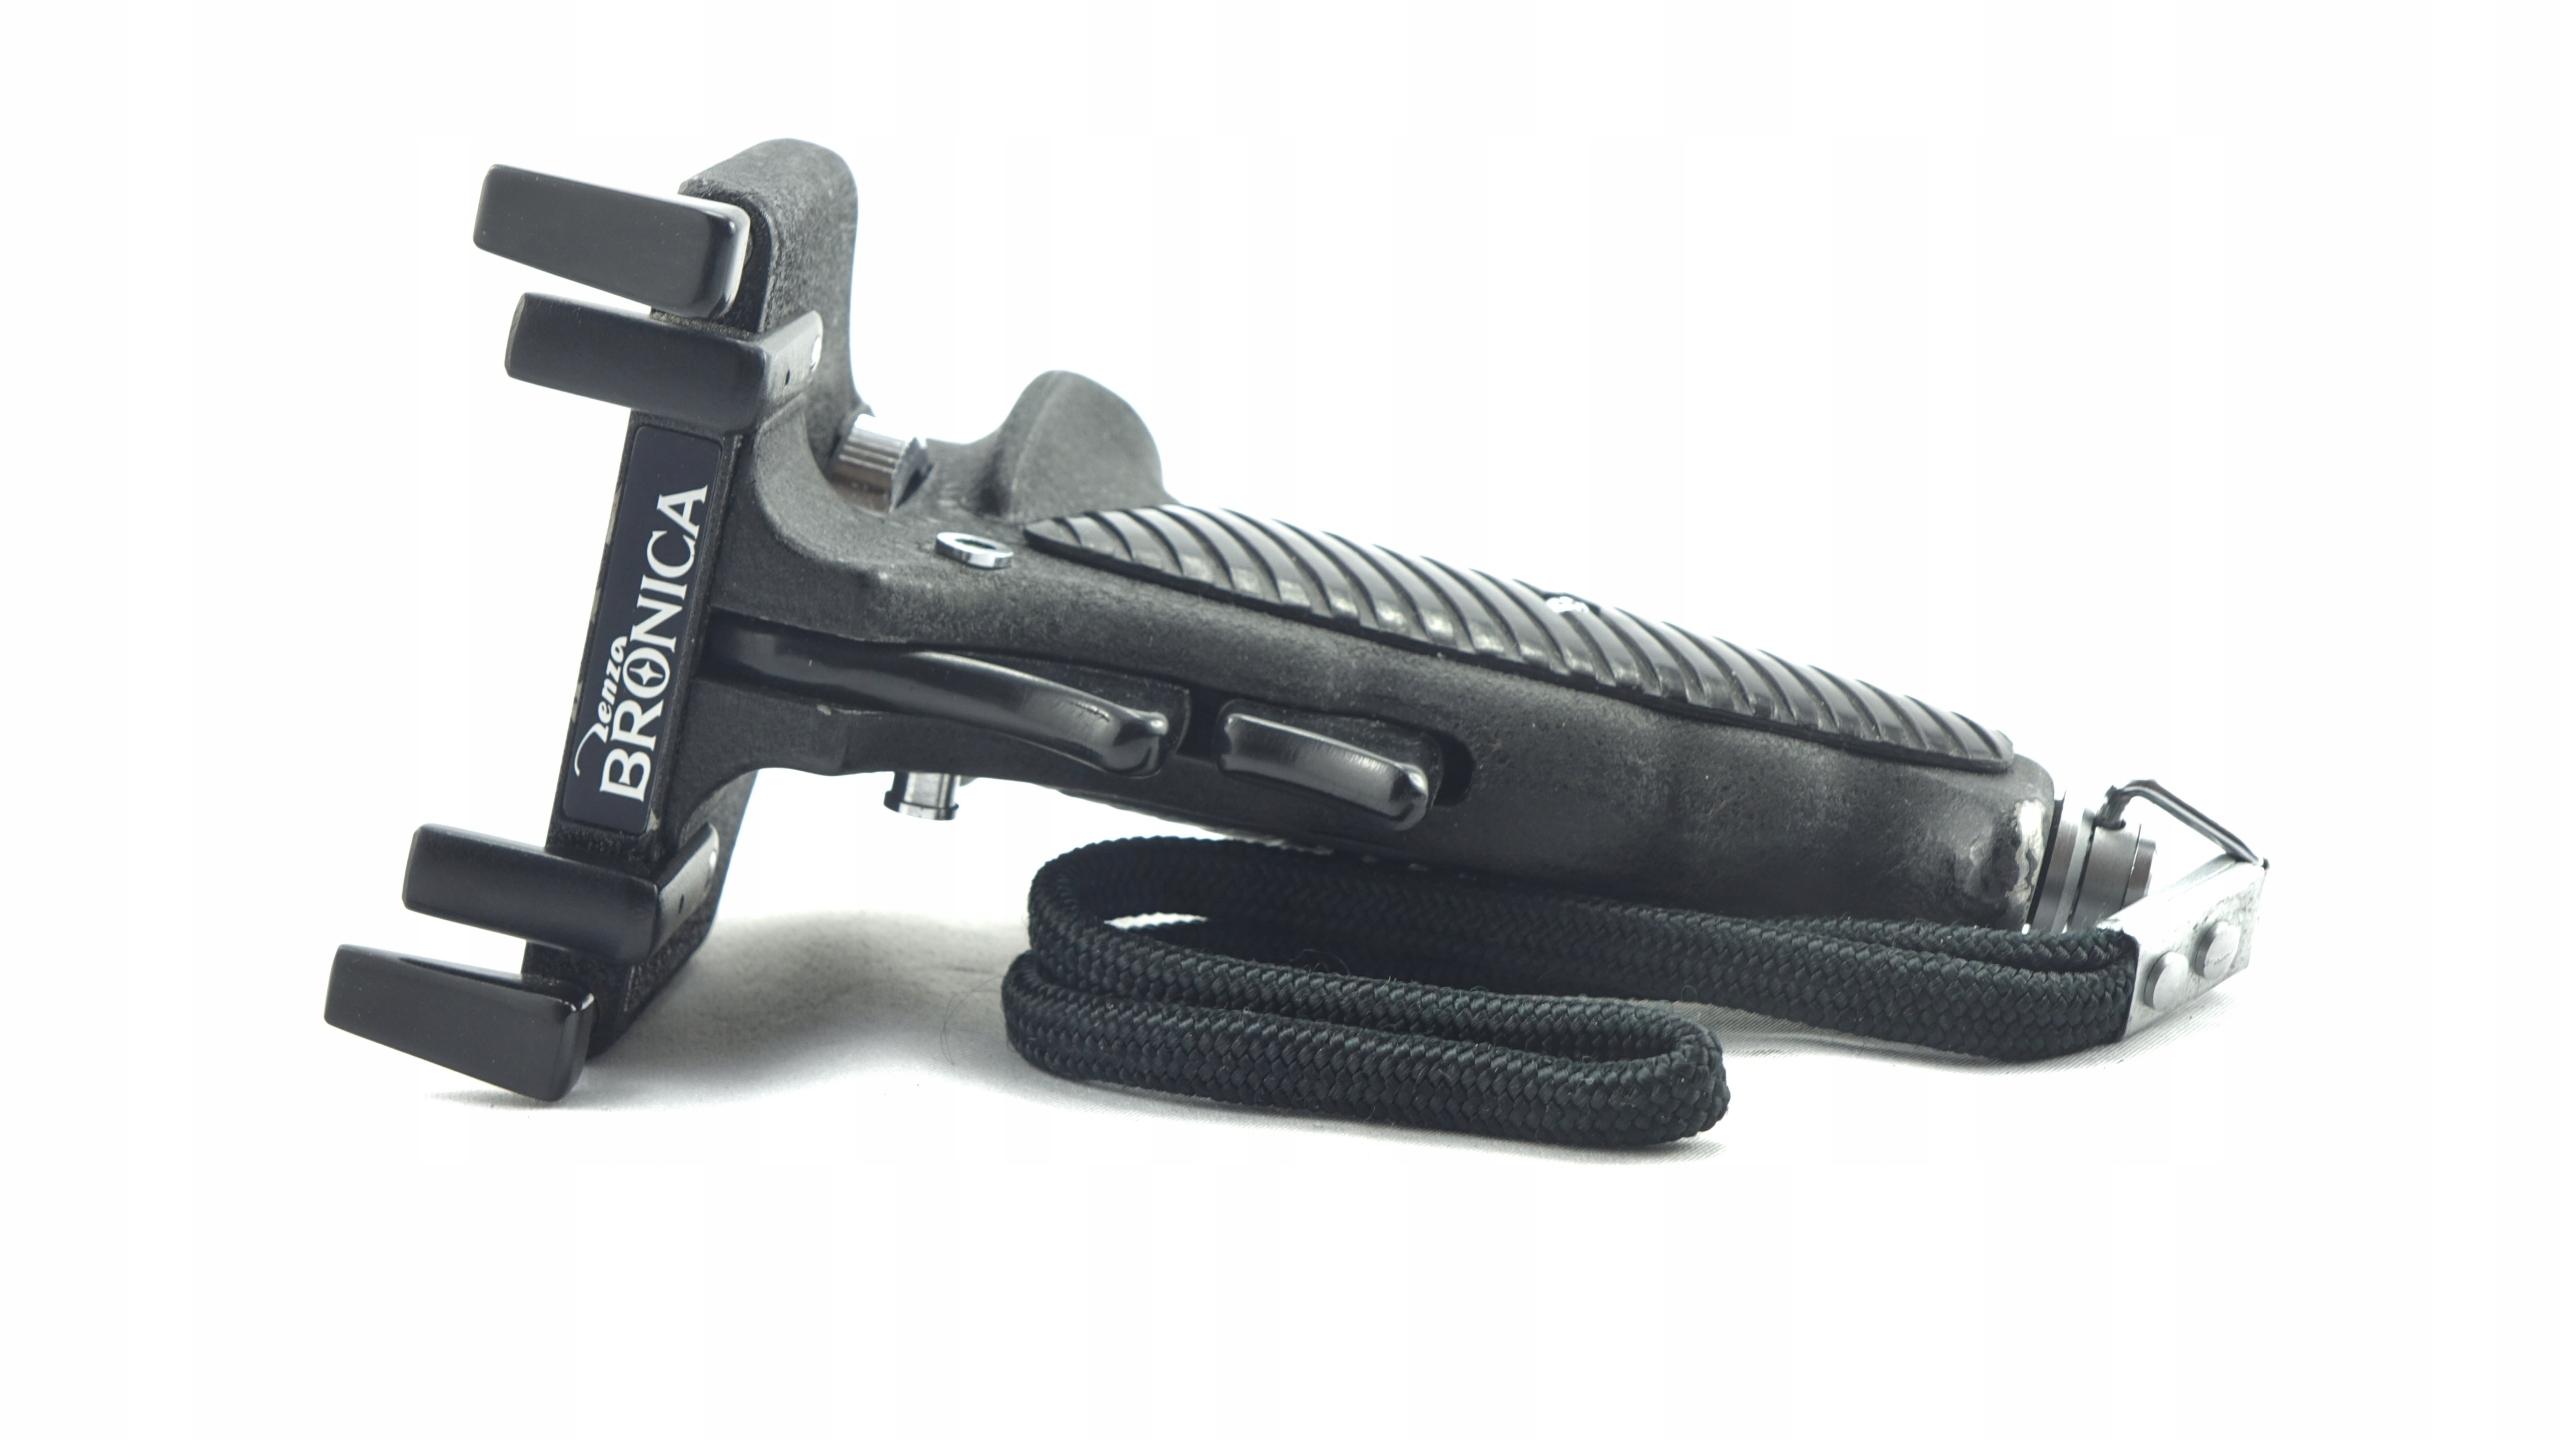 Zenza Bronica Pistol Grip Model T